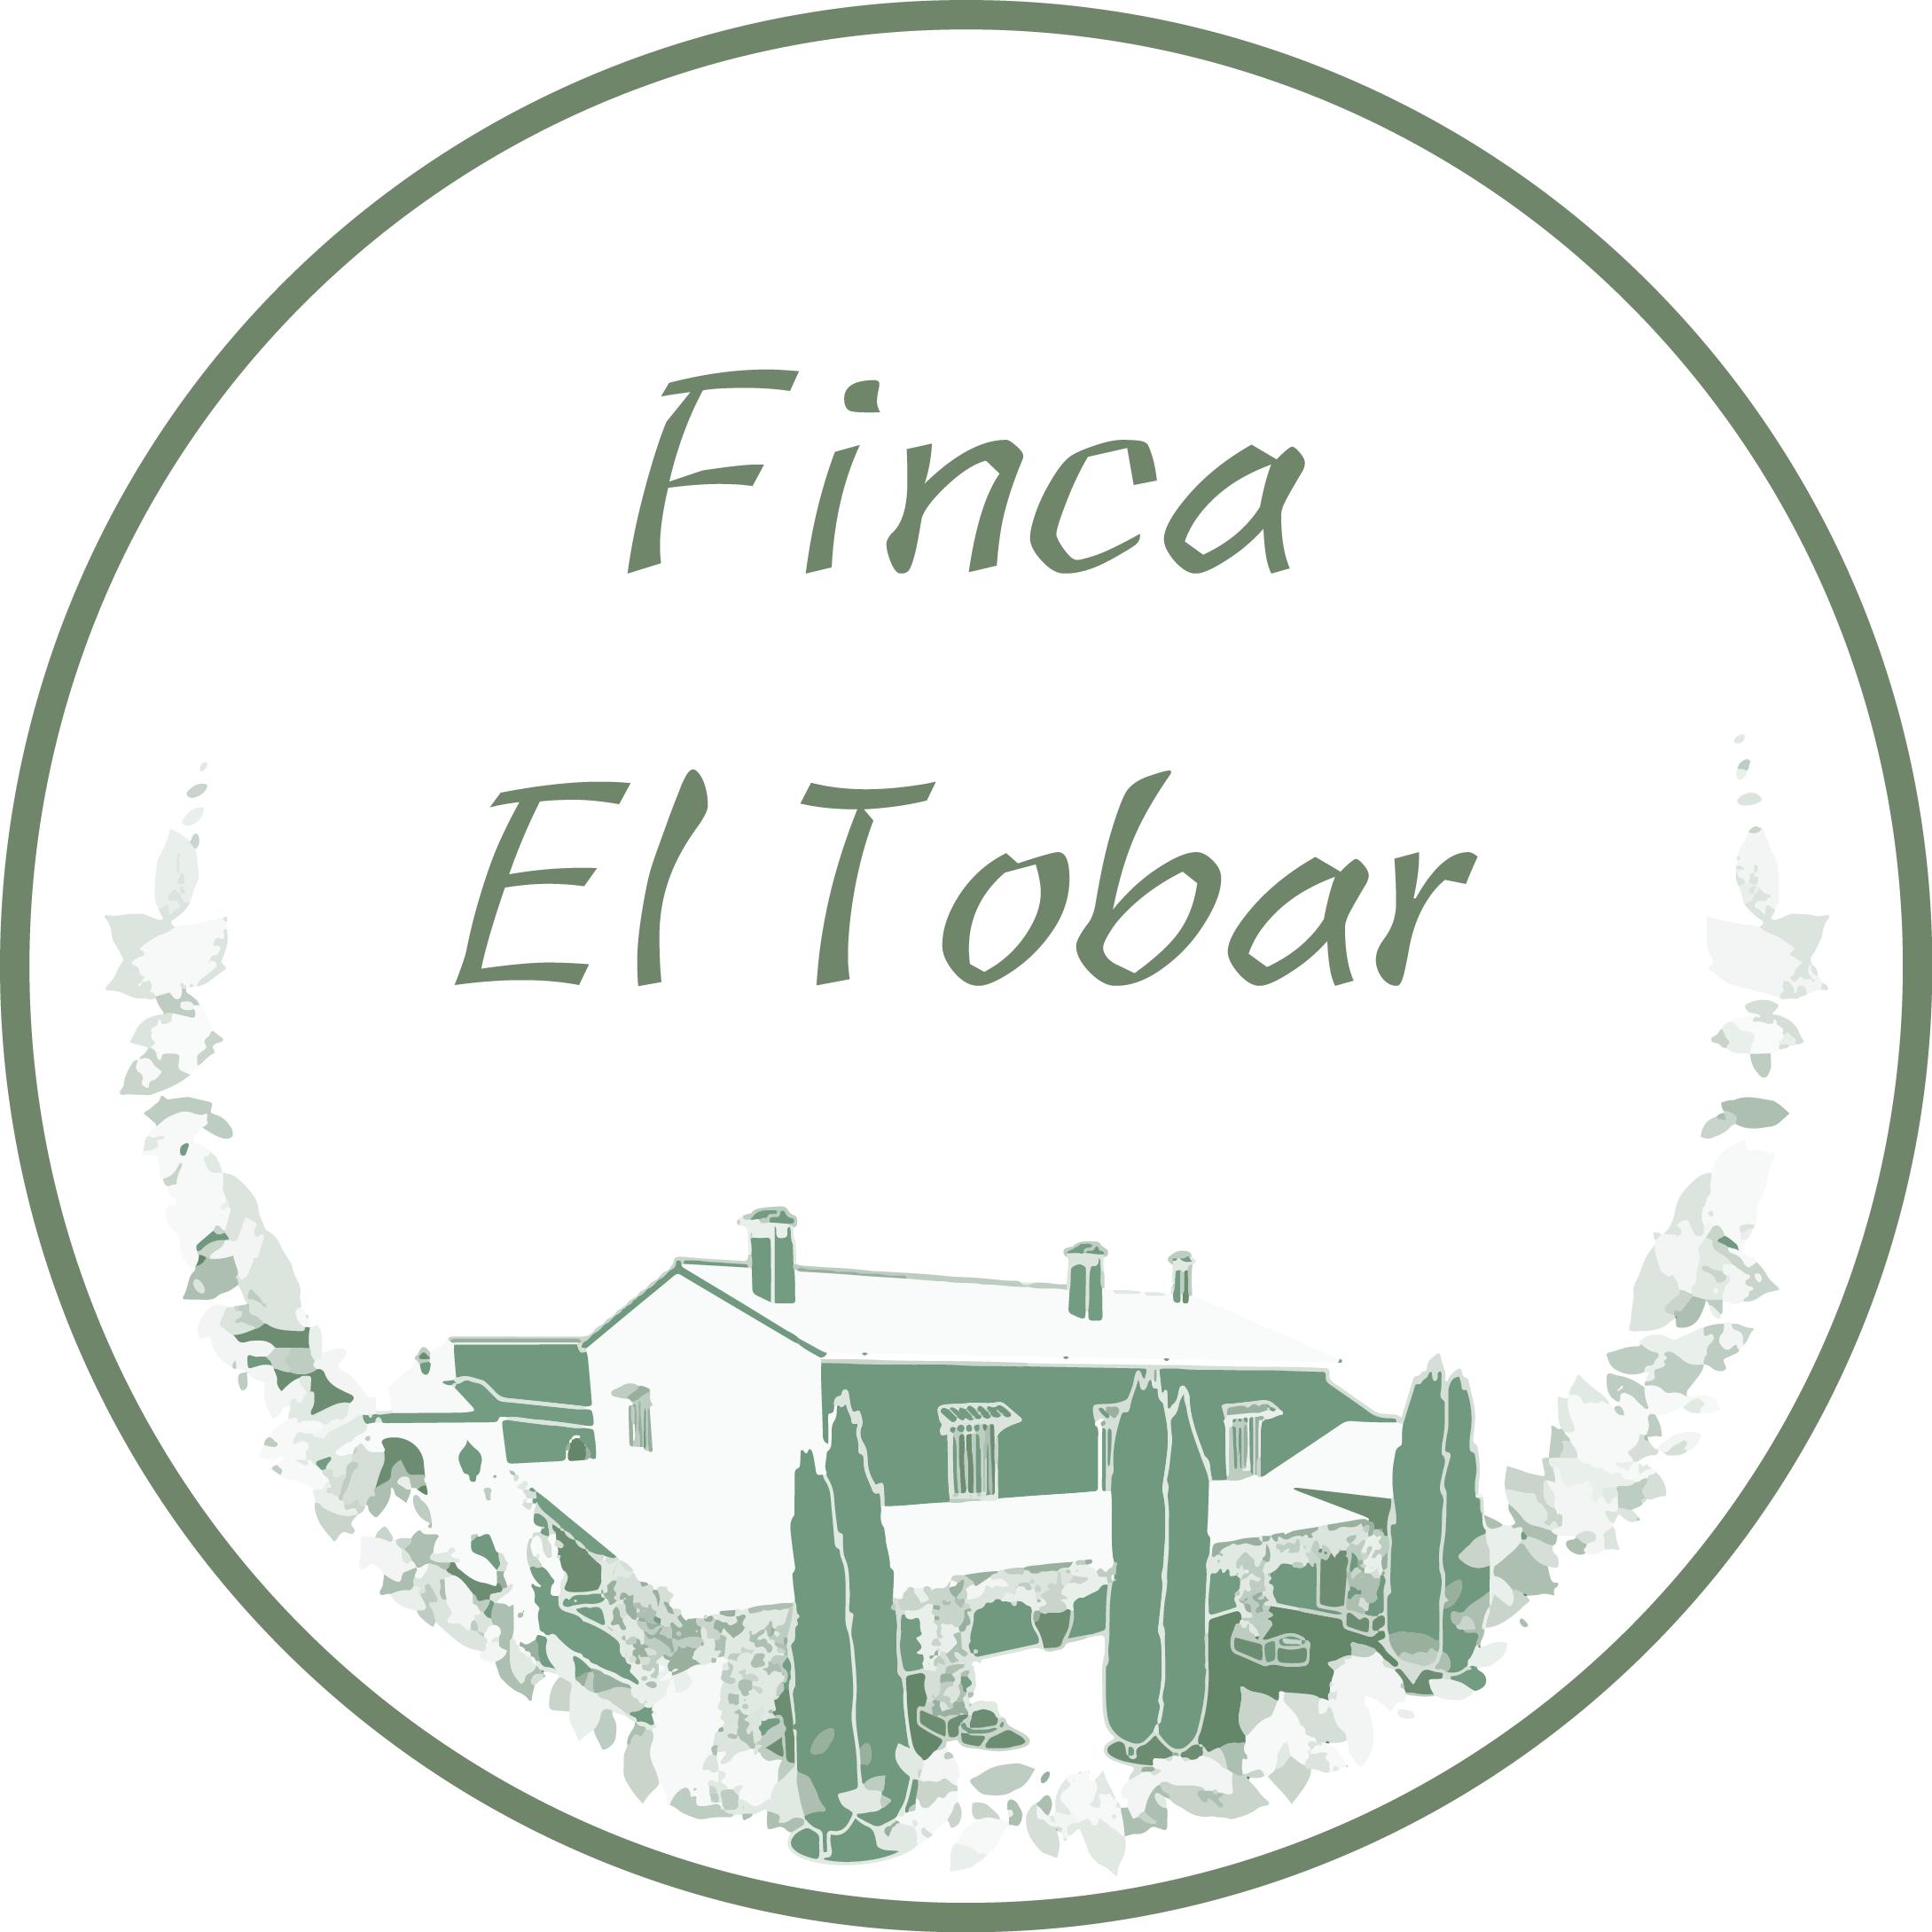 Finca El Tobar